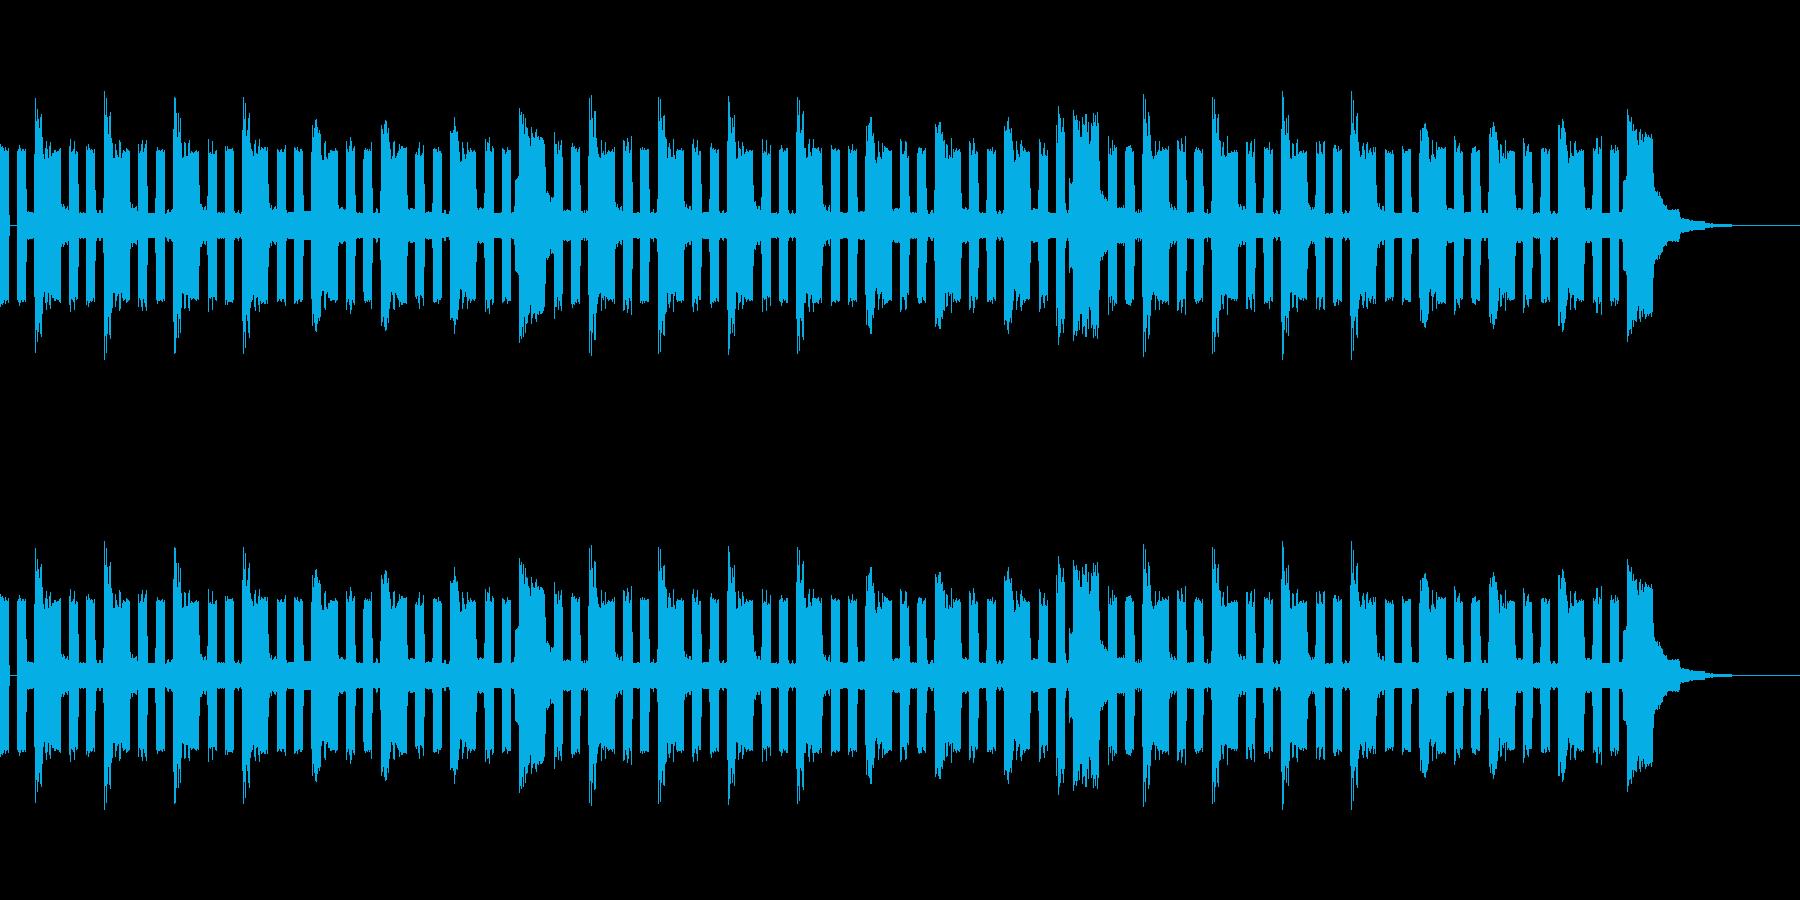 チップチューン風ループ(エコー付き)の再生済みの波形